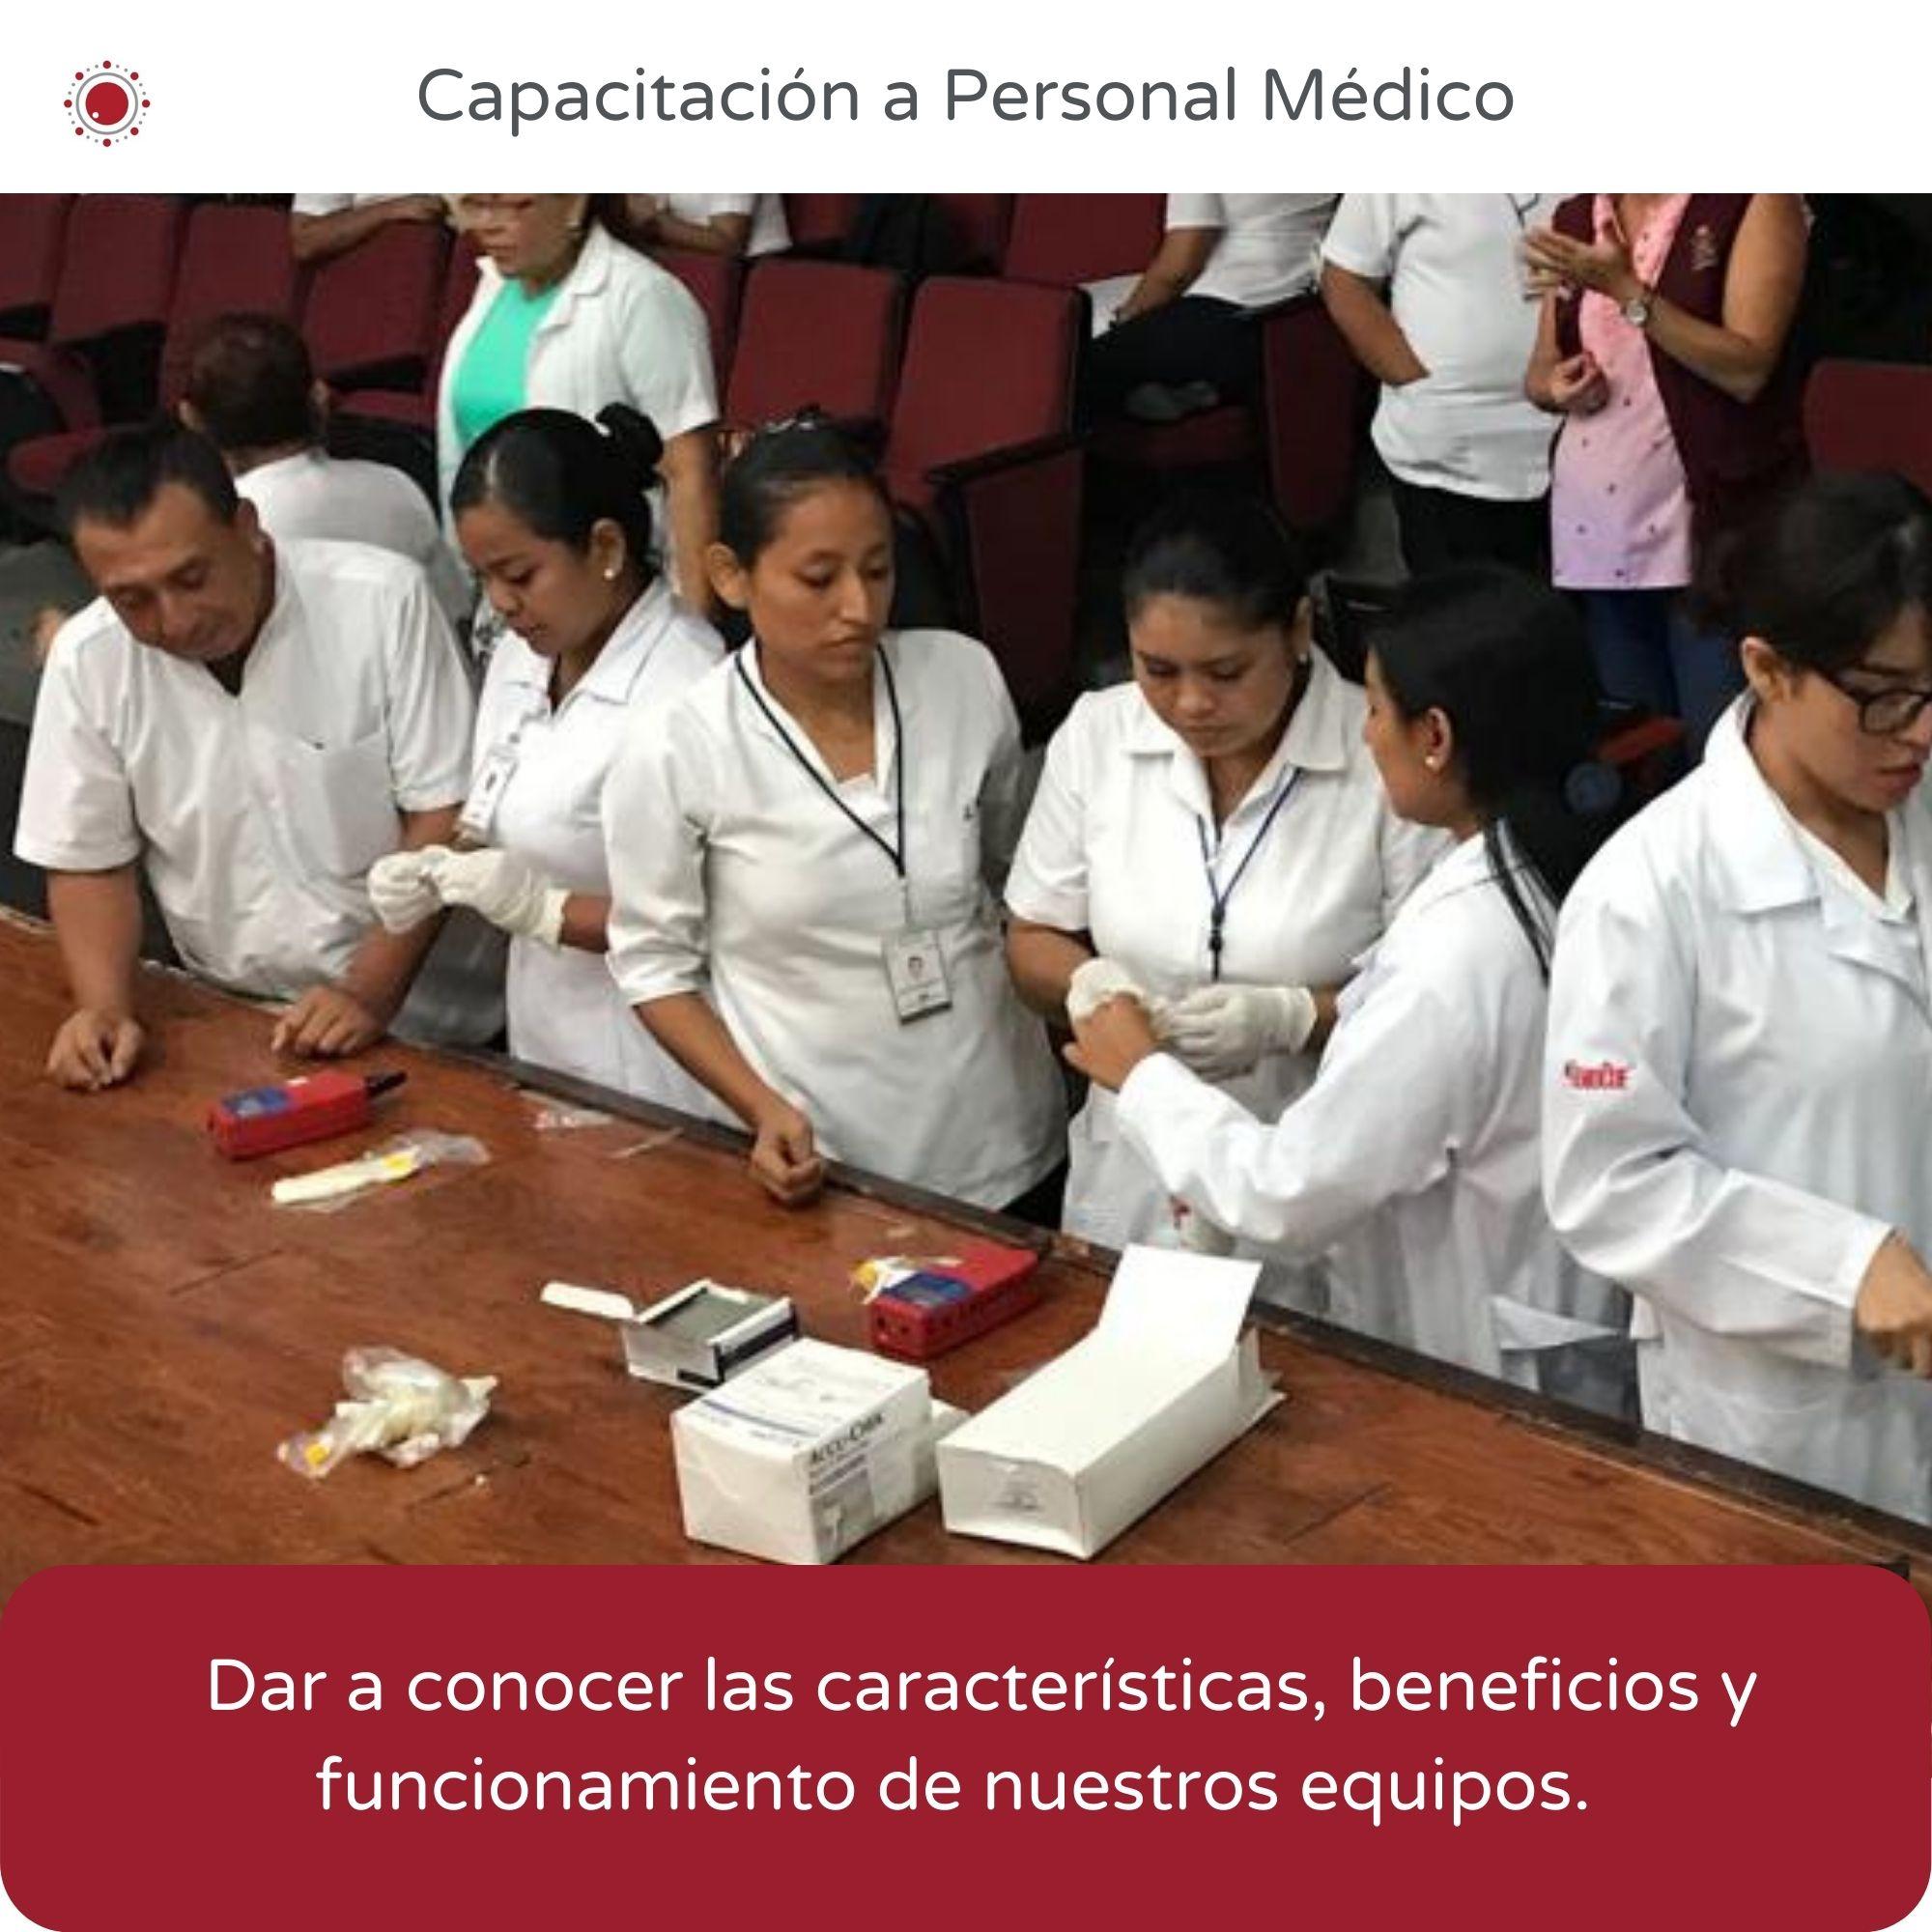 REBIO-Capacitación personal médico